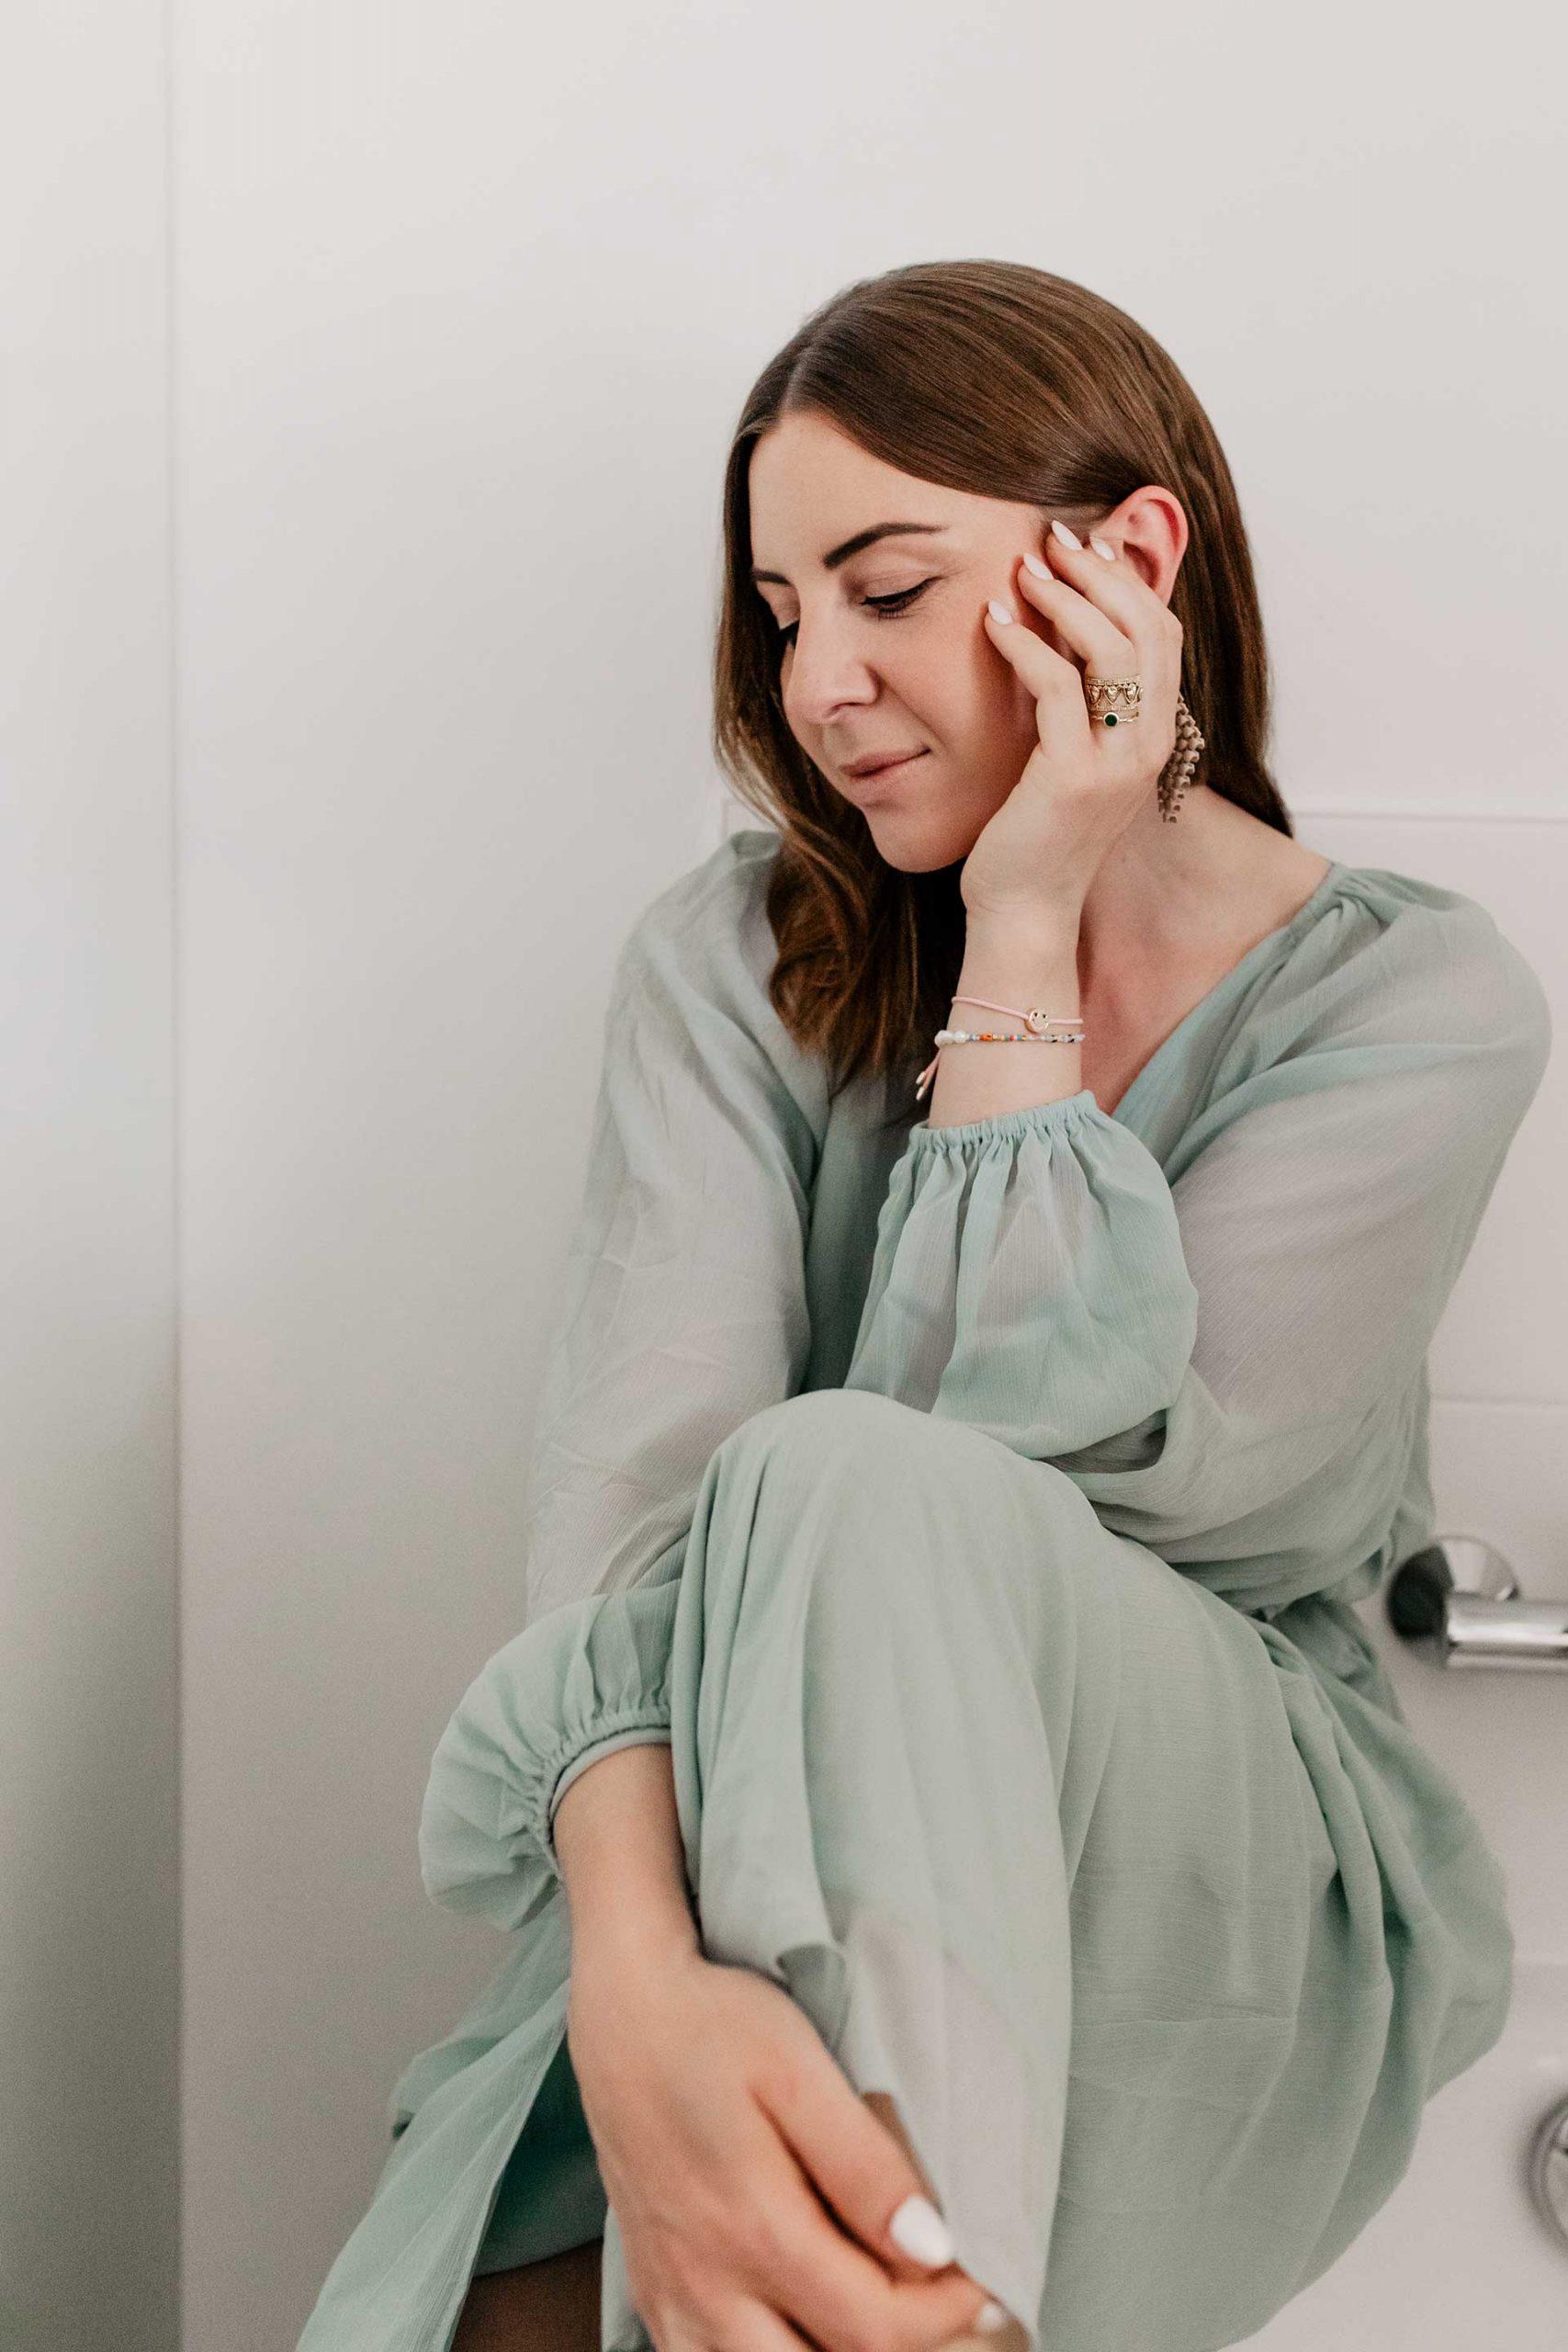 Anzeige. Keine Kompromisse bei Beautyprodukten! Ich habe eine neue Pflegelinie getestet, die absolut hält, was sie verspricht: Dr. Jetske Ultee.